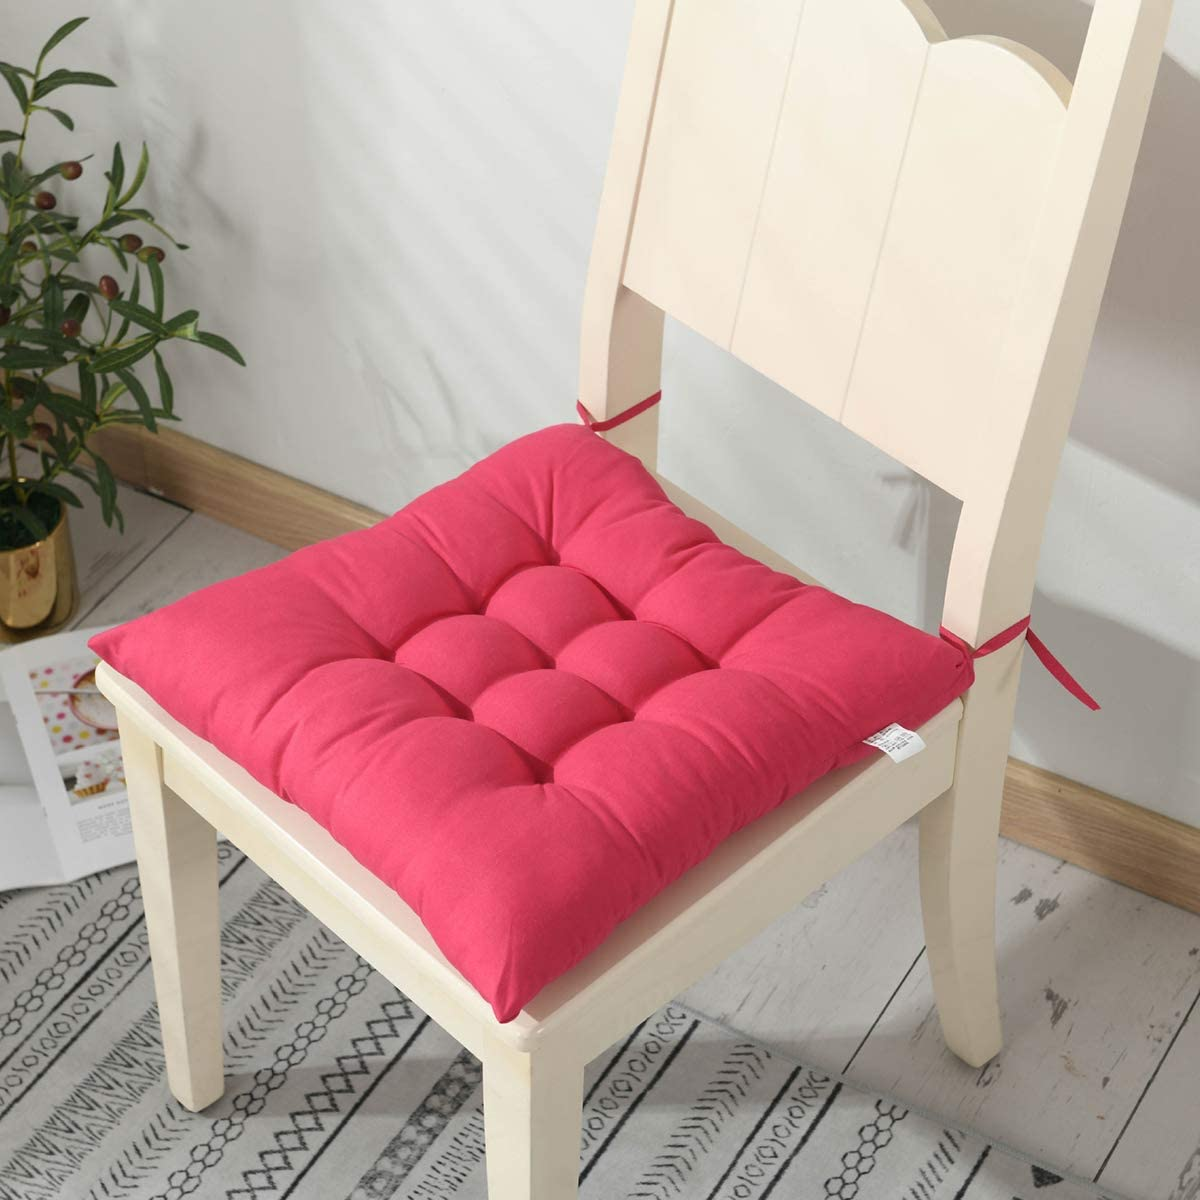 Cuscini per sedie quadrati con lacci Set di patio Arredamento cucina Cuscino per sedia da ufficio 40 x 40 cm Cuscini morbidi per sedie da pranzo extra confortevoli Cuscini per sedili per giardino